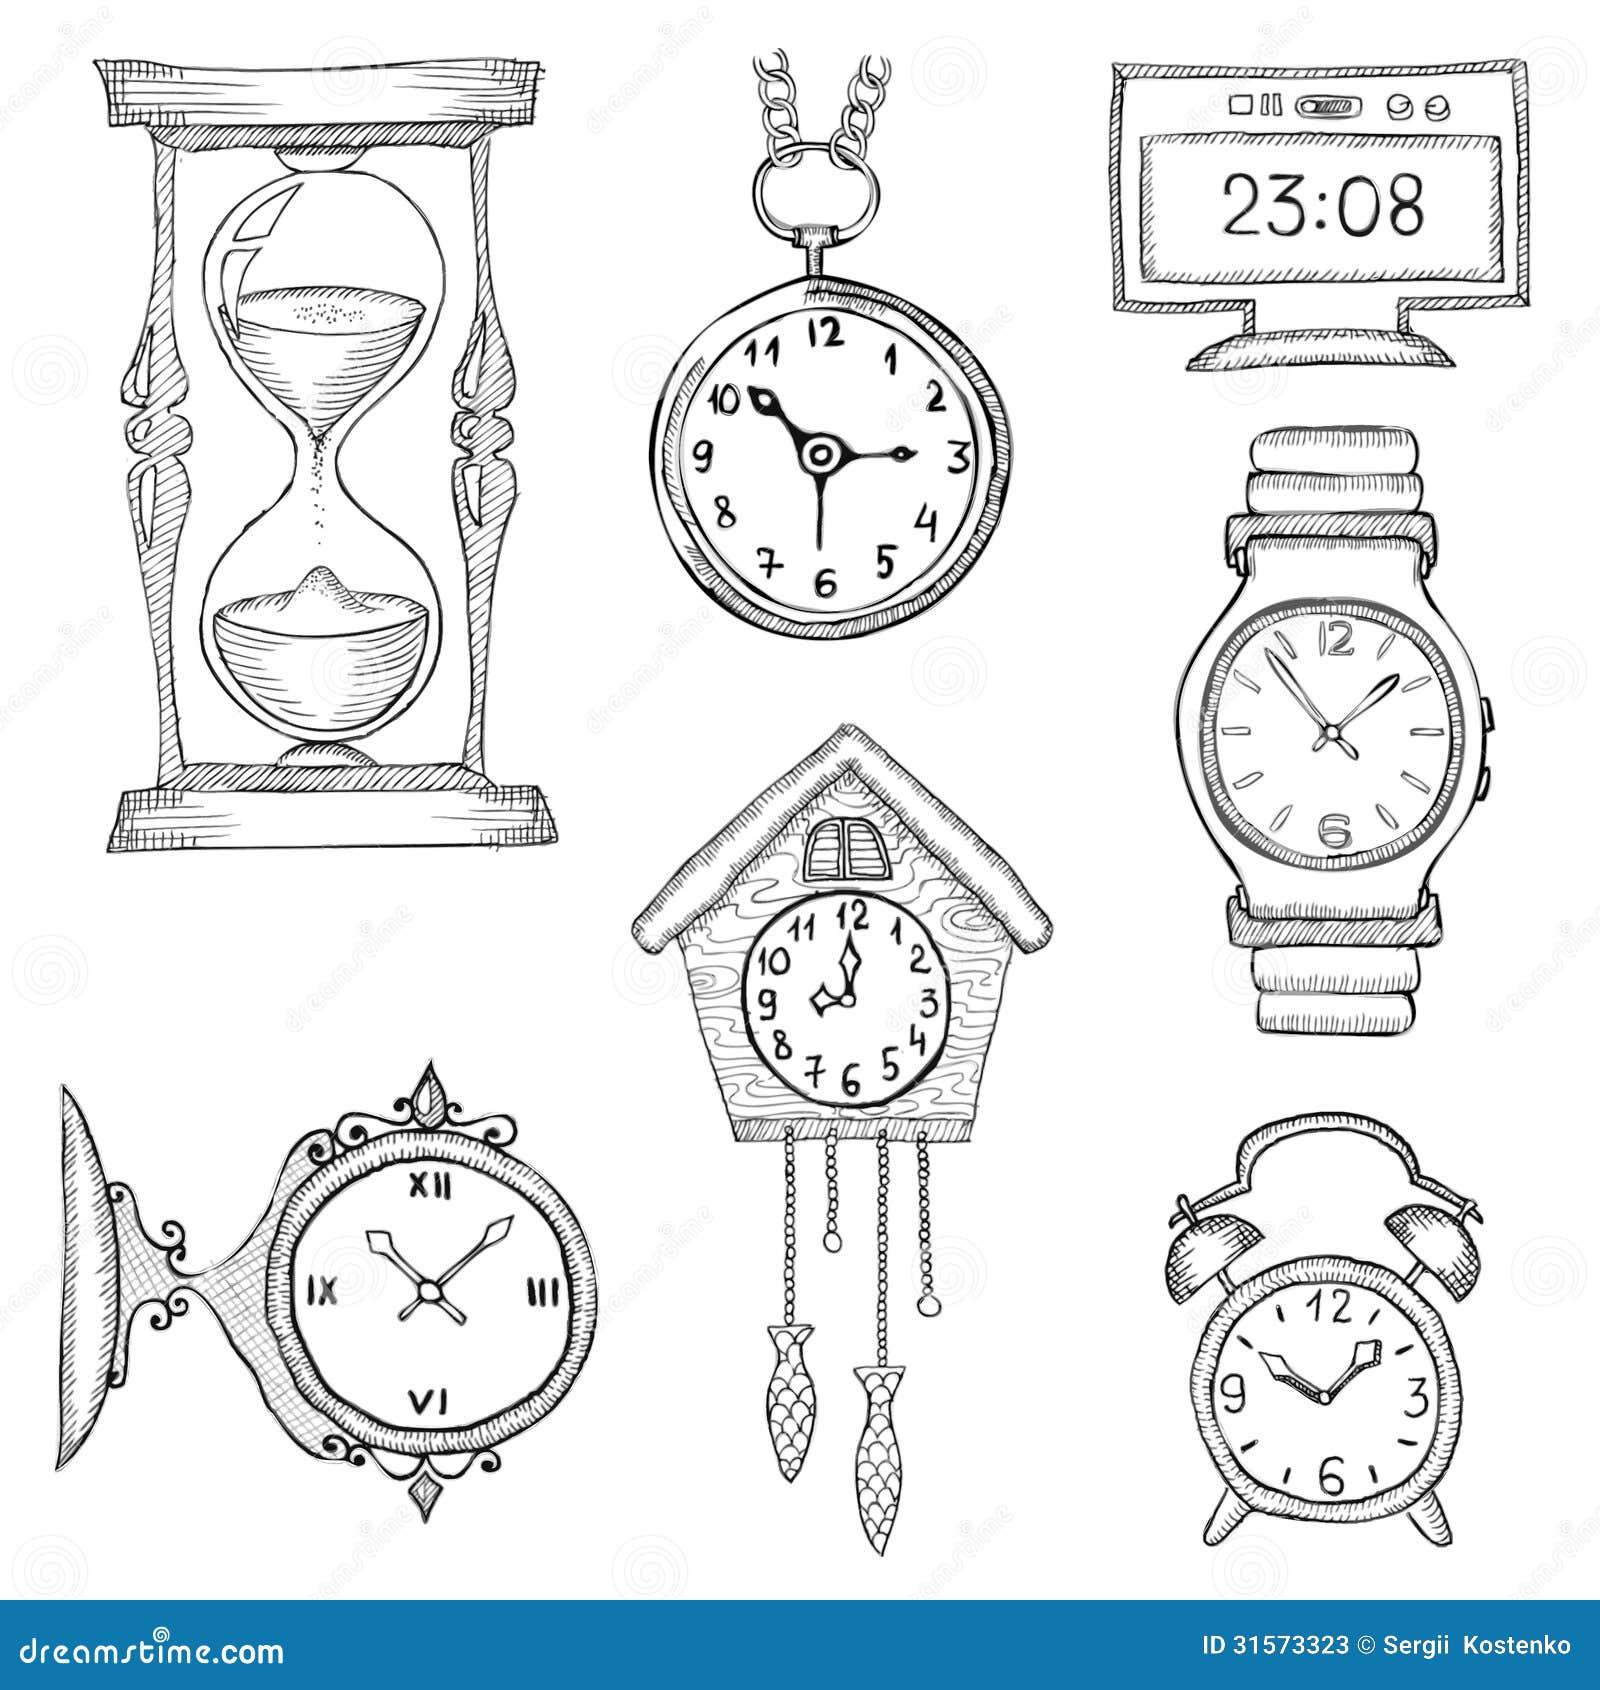 Armbanduhr gezeichnet  Hand Gezeichnete Uhren Eingestellt Stockfotos - Bild: 31573323